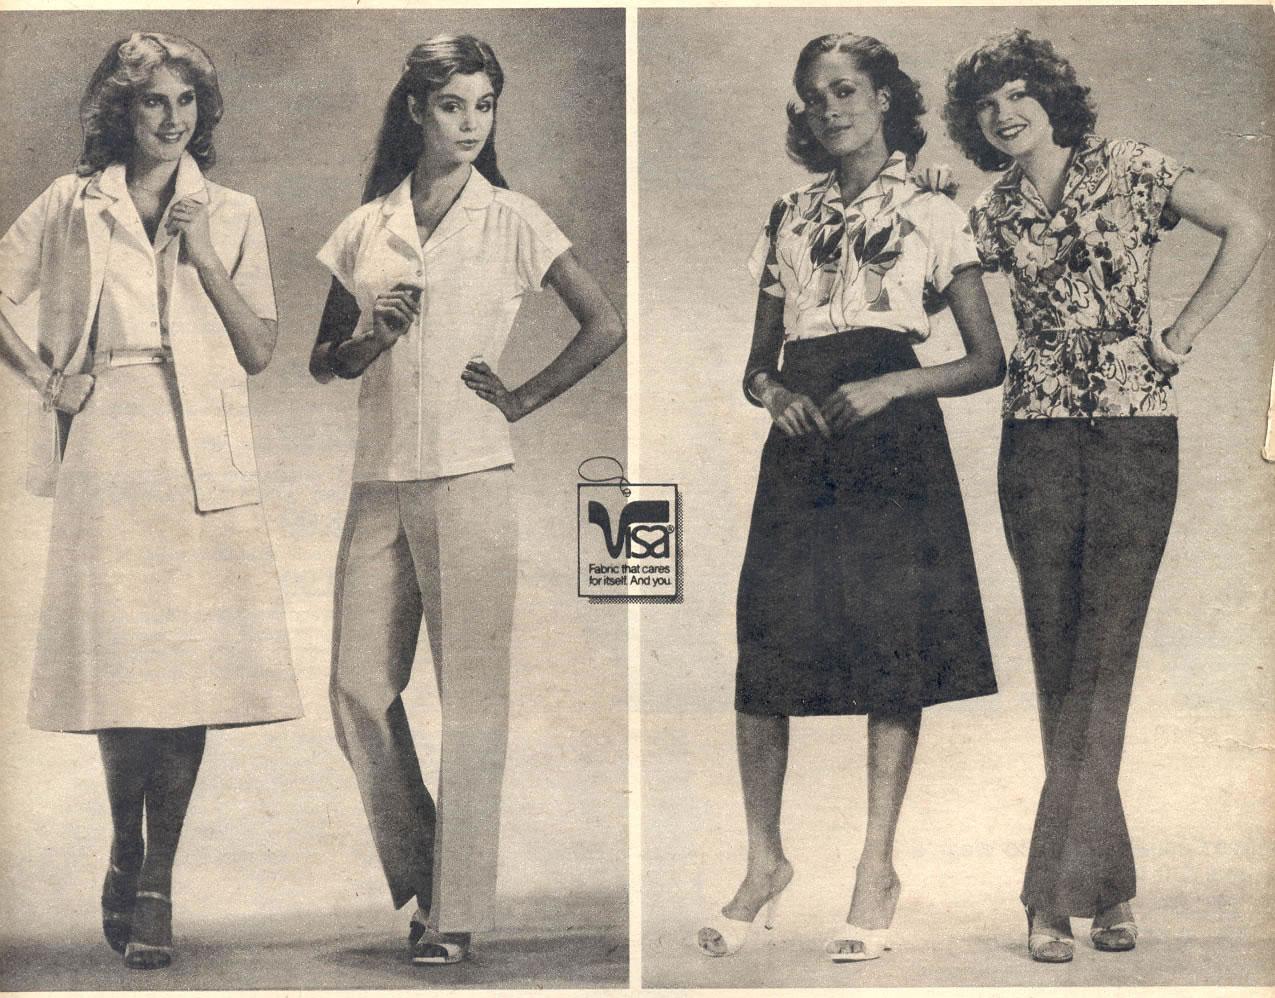 il più economico stile distintivo sconto fino al 60% Woomen in Wooden Mules - Donne con gli zoccoli - 1978